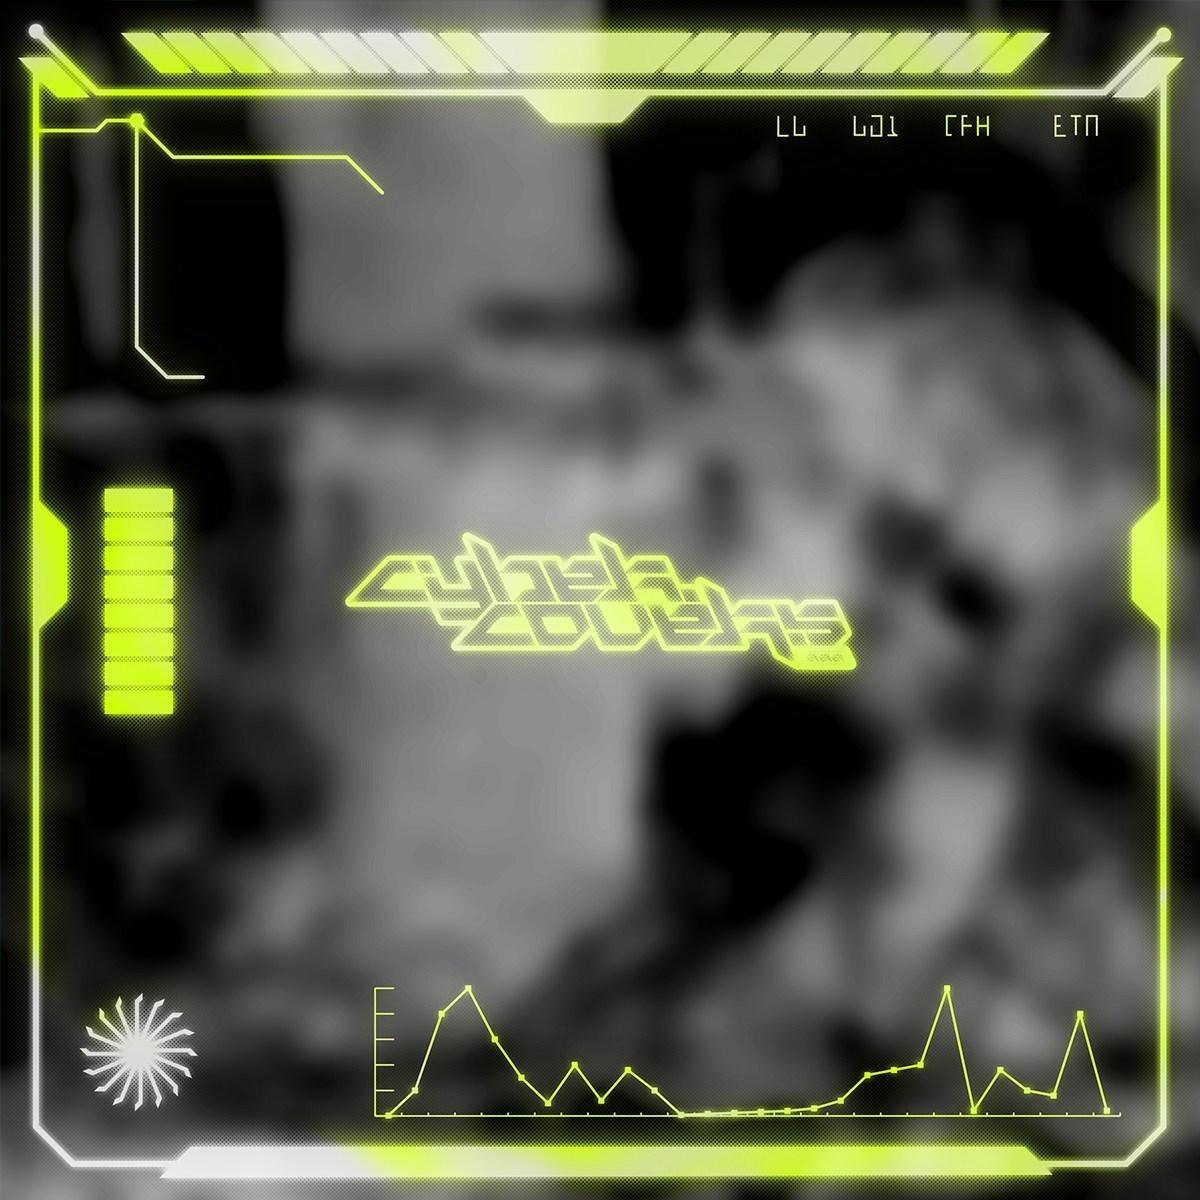 [单独购买] 430多款潮流炫酷音乐专辑CD封面HUD元素设计素材套装 AlbumArtArchive – Cybercovers插图2